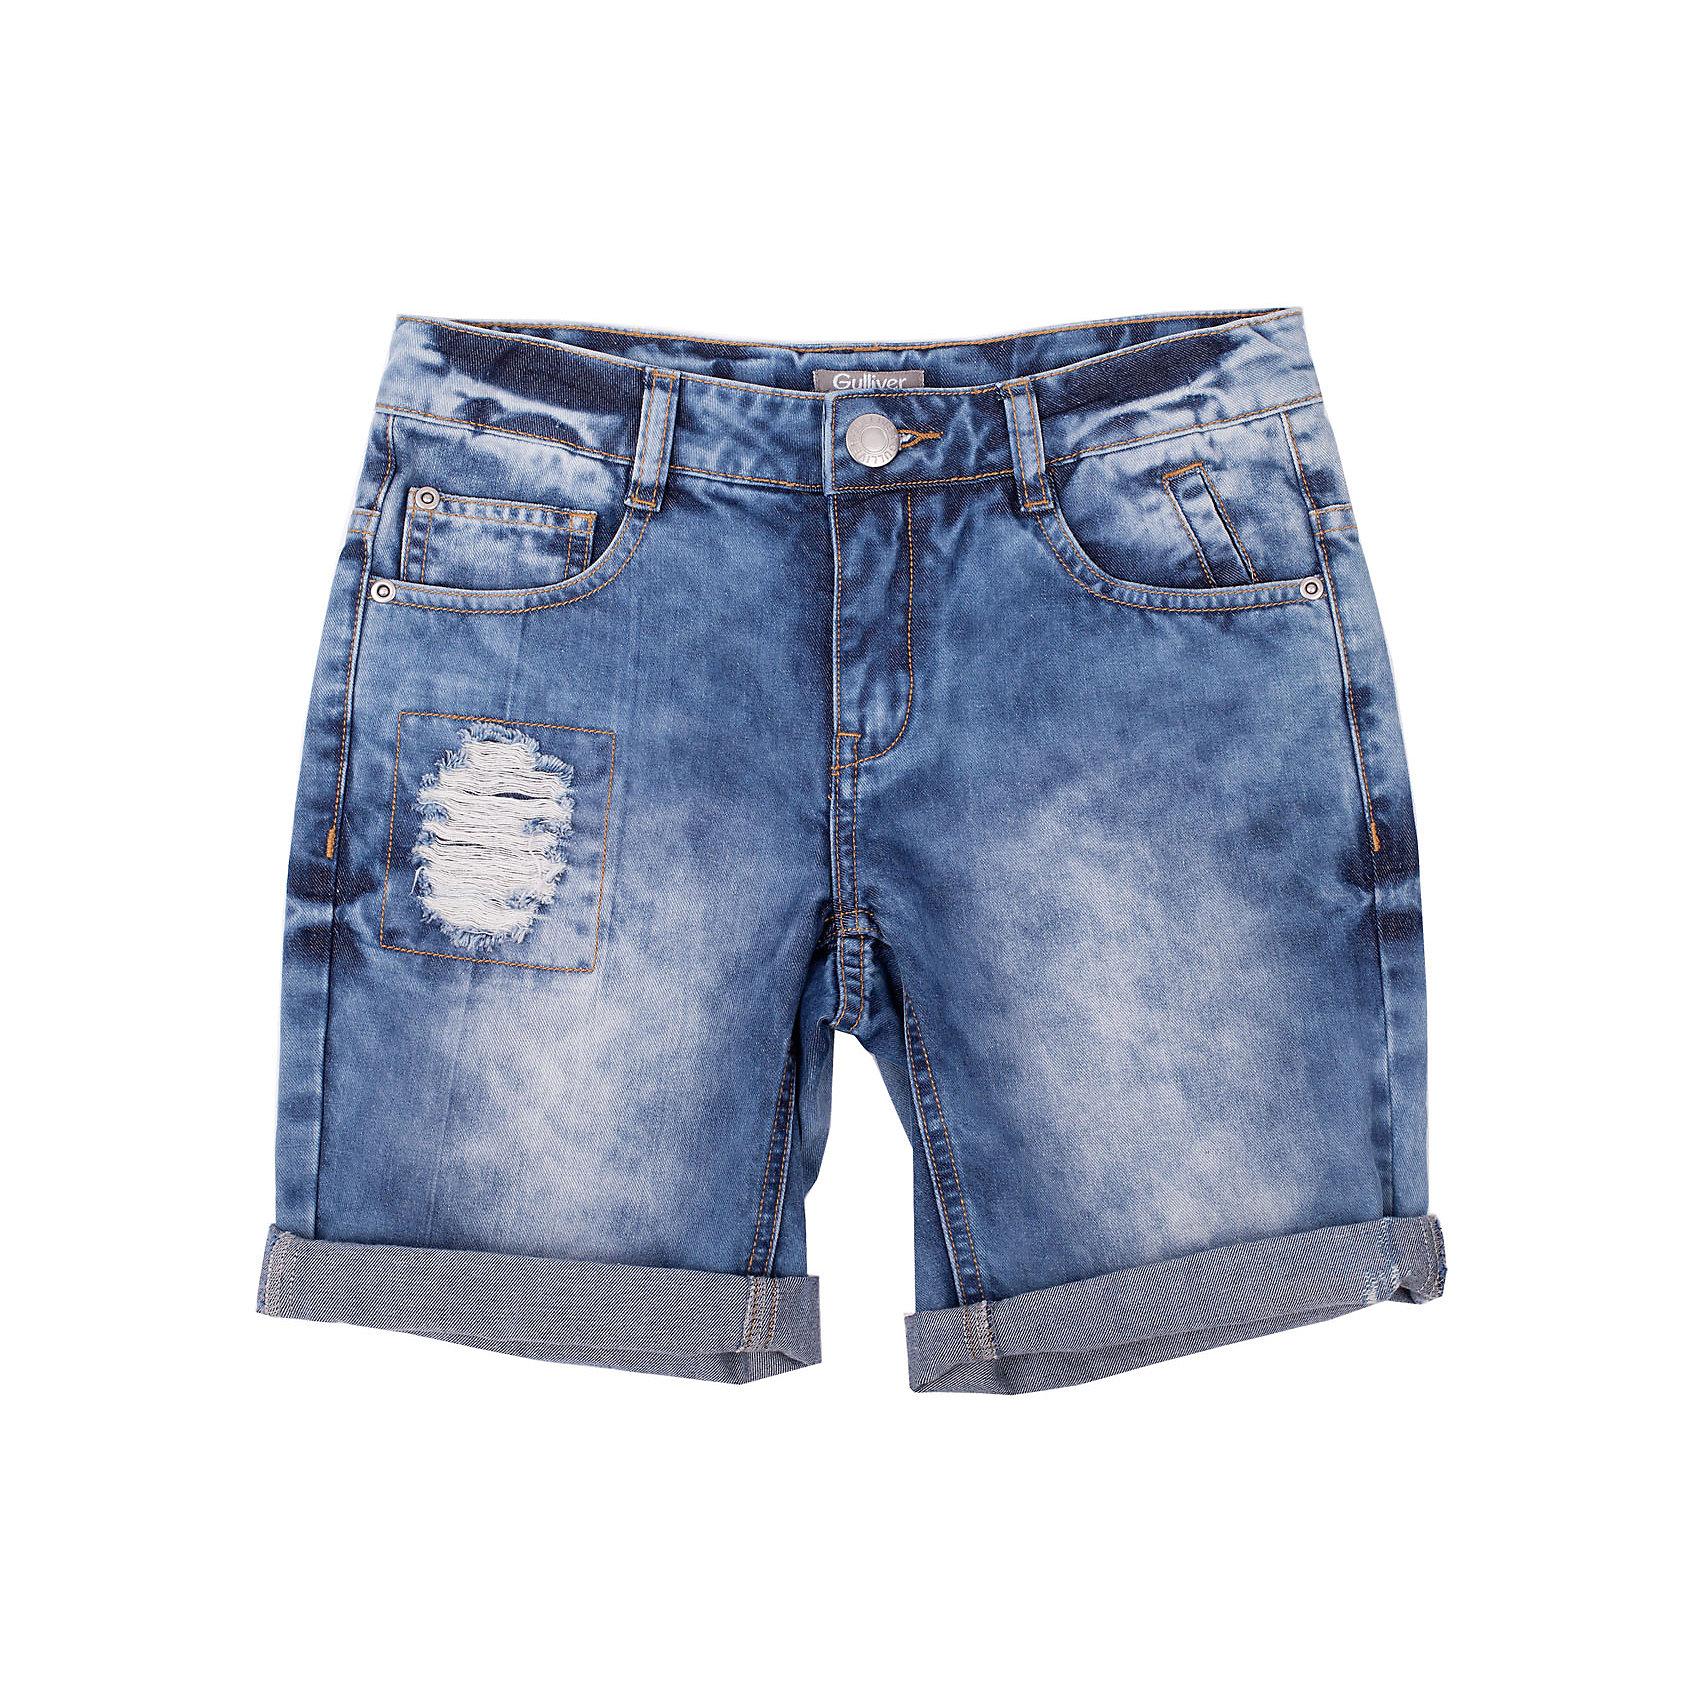 Шорты для мальчика GulliverШорты - непременный атрибут стиля casual, а значит модные джинсовые шорты для мальчика - изделие из разряда must have! Но как угнаться за детской модой? Мы только привыкли к варке, повреждениям и потертостям на детских джинсовых изделиях, но дизайнеры уже придумали что-то новенькое! Голубые джинсовые шорты для мальчика с декоративными заплатками - хит сезона весна/лето 2016!  К тому же, это стильный, комфортный элемент гардероба, идеально подходящий к любой футболке, майке, джемперу.<br>Состав:<br>100% хлопок<br><br>Ширина мм: 191<br>Глубина мм: 10<br>Высота мм: 175<br>Вес г: 273<br>Цвет: голубой<br>Возраст от месяцев: 84<br>Возраст до месяцев: 96<br>Пол: Мужской<br>Возраст: Детский<br>Размер: 128,134,122,140<br>SKU: 4534978